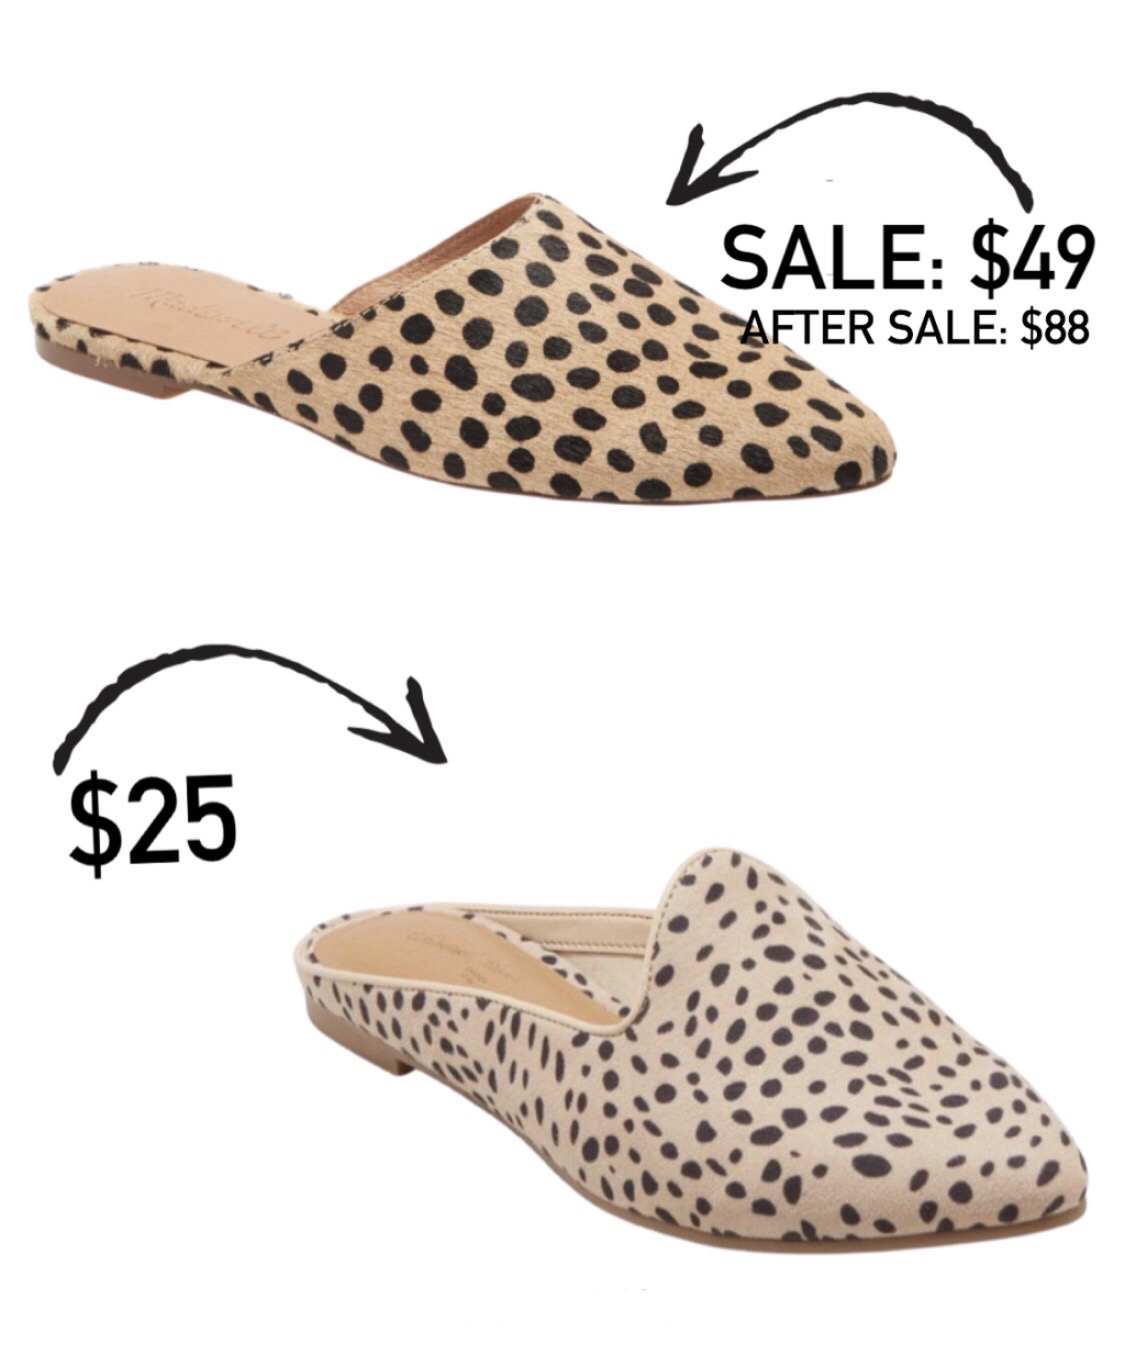 Madewell Mules Splurge vs Save